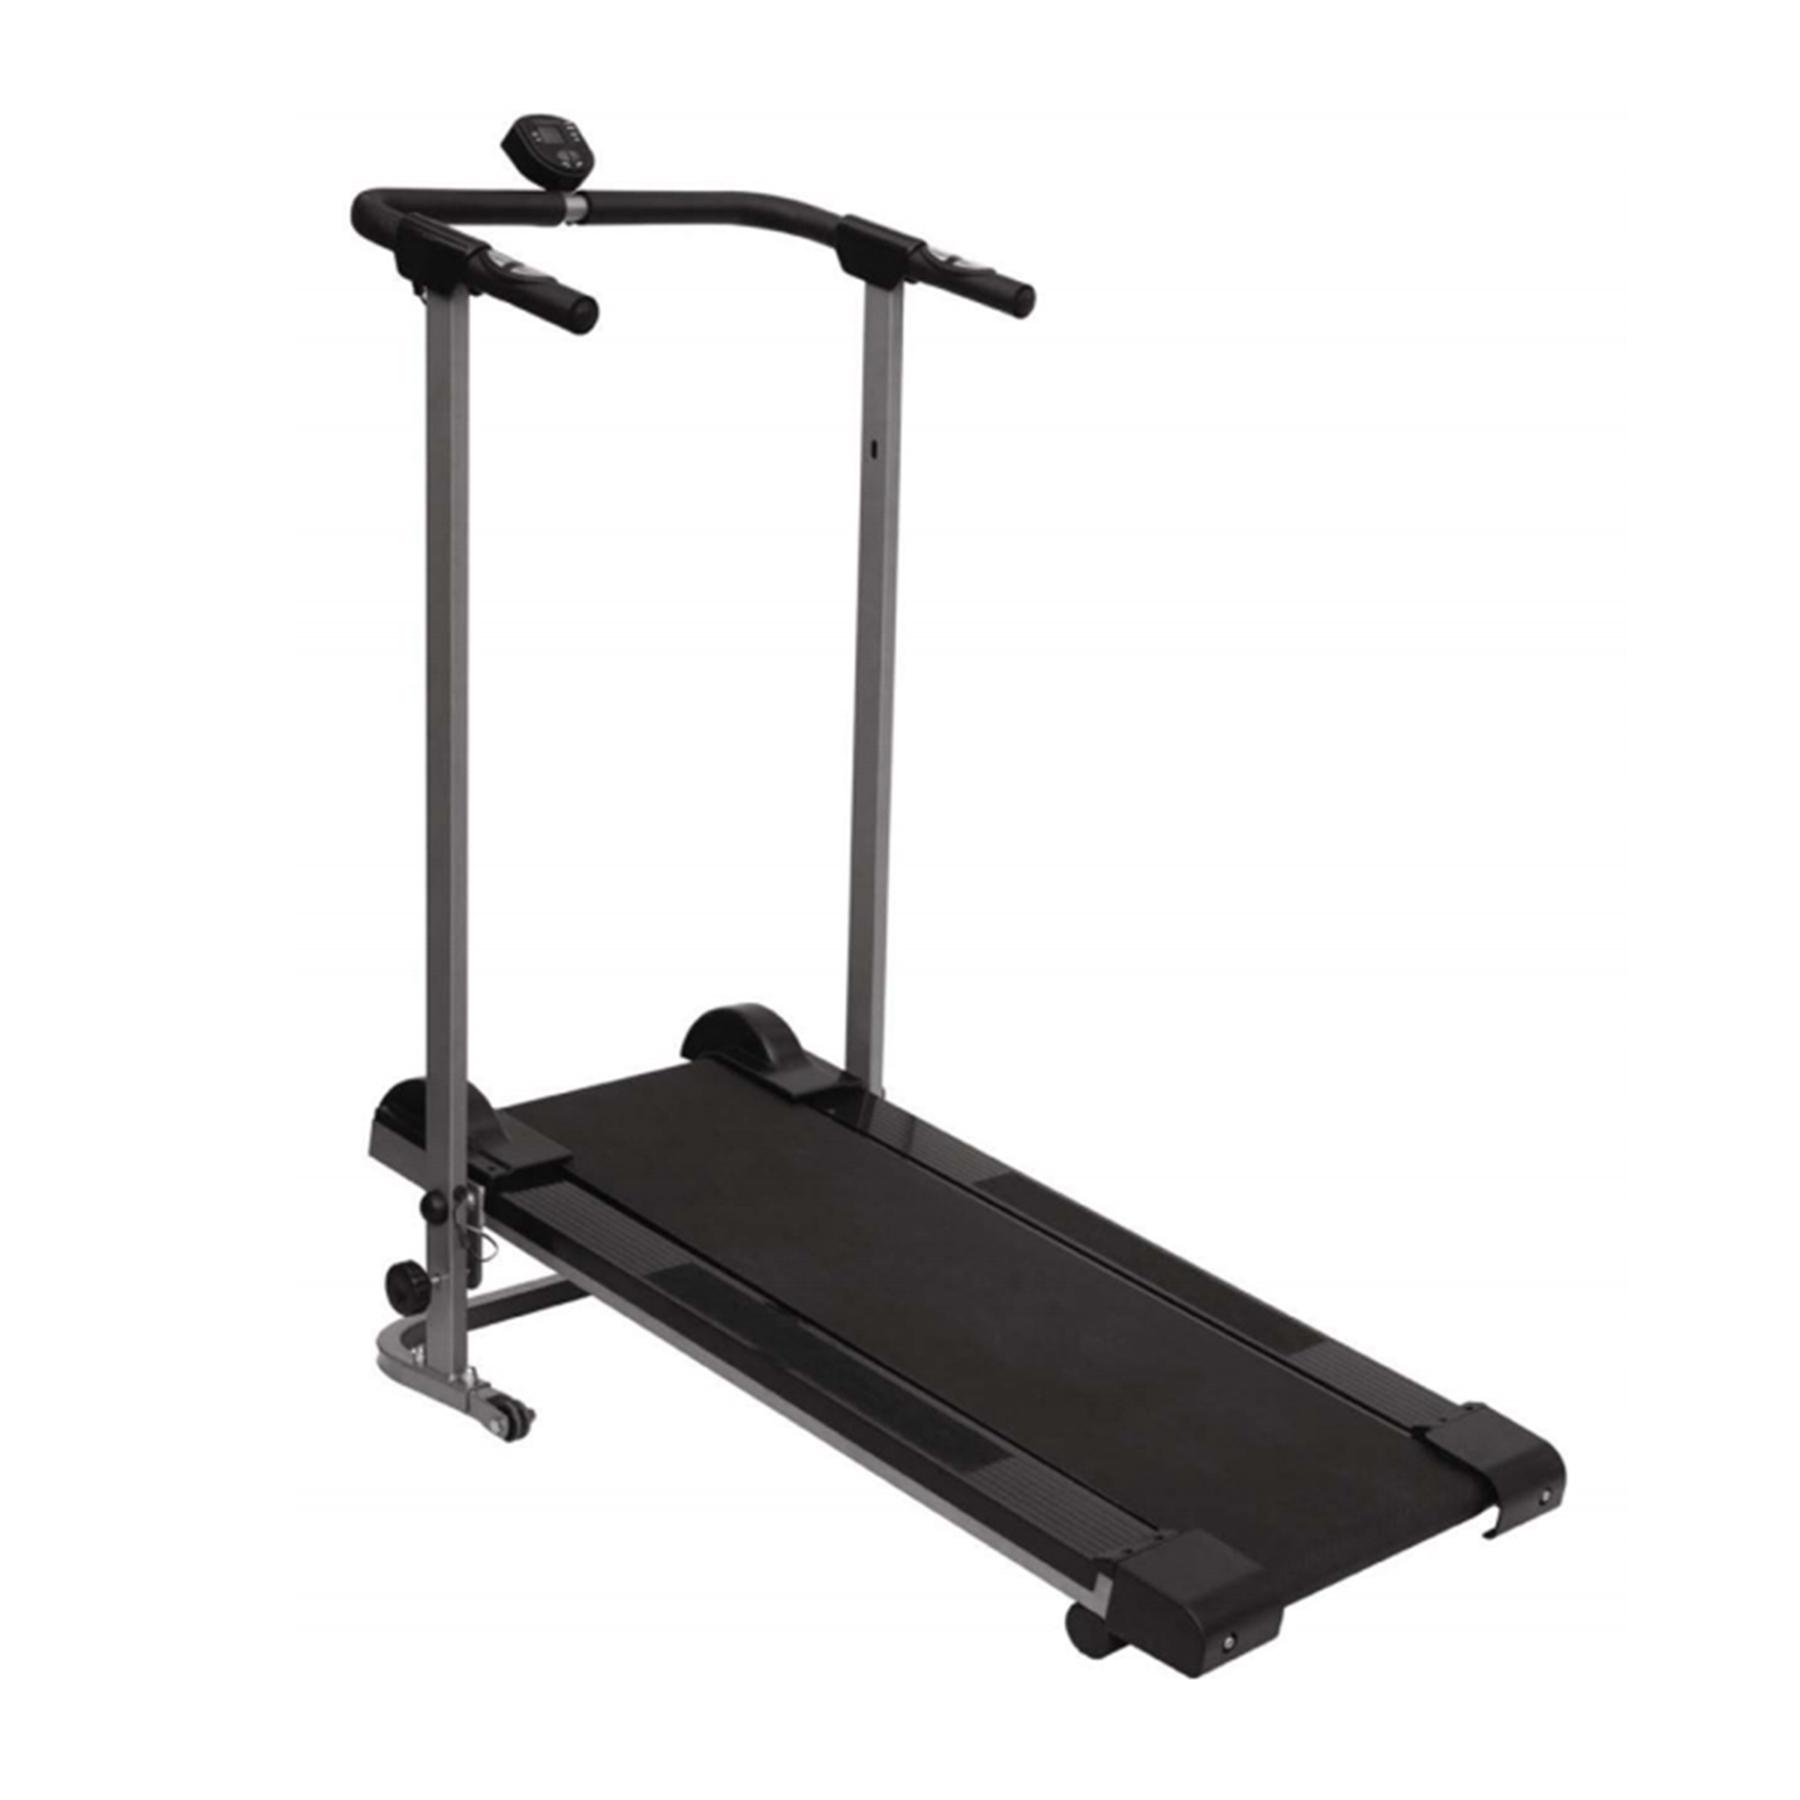 Беговая дорожка механическая BC TM 1556-01, макс. вес пользователя 100 кг.